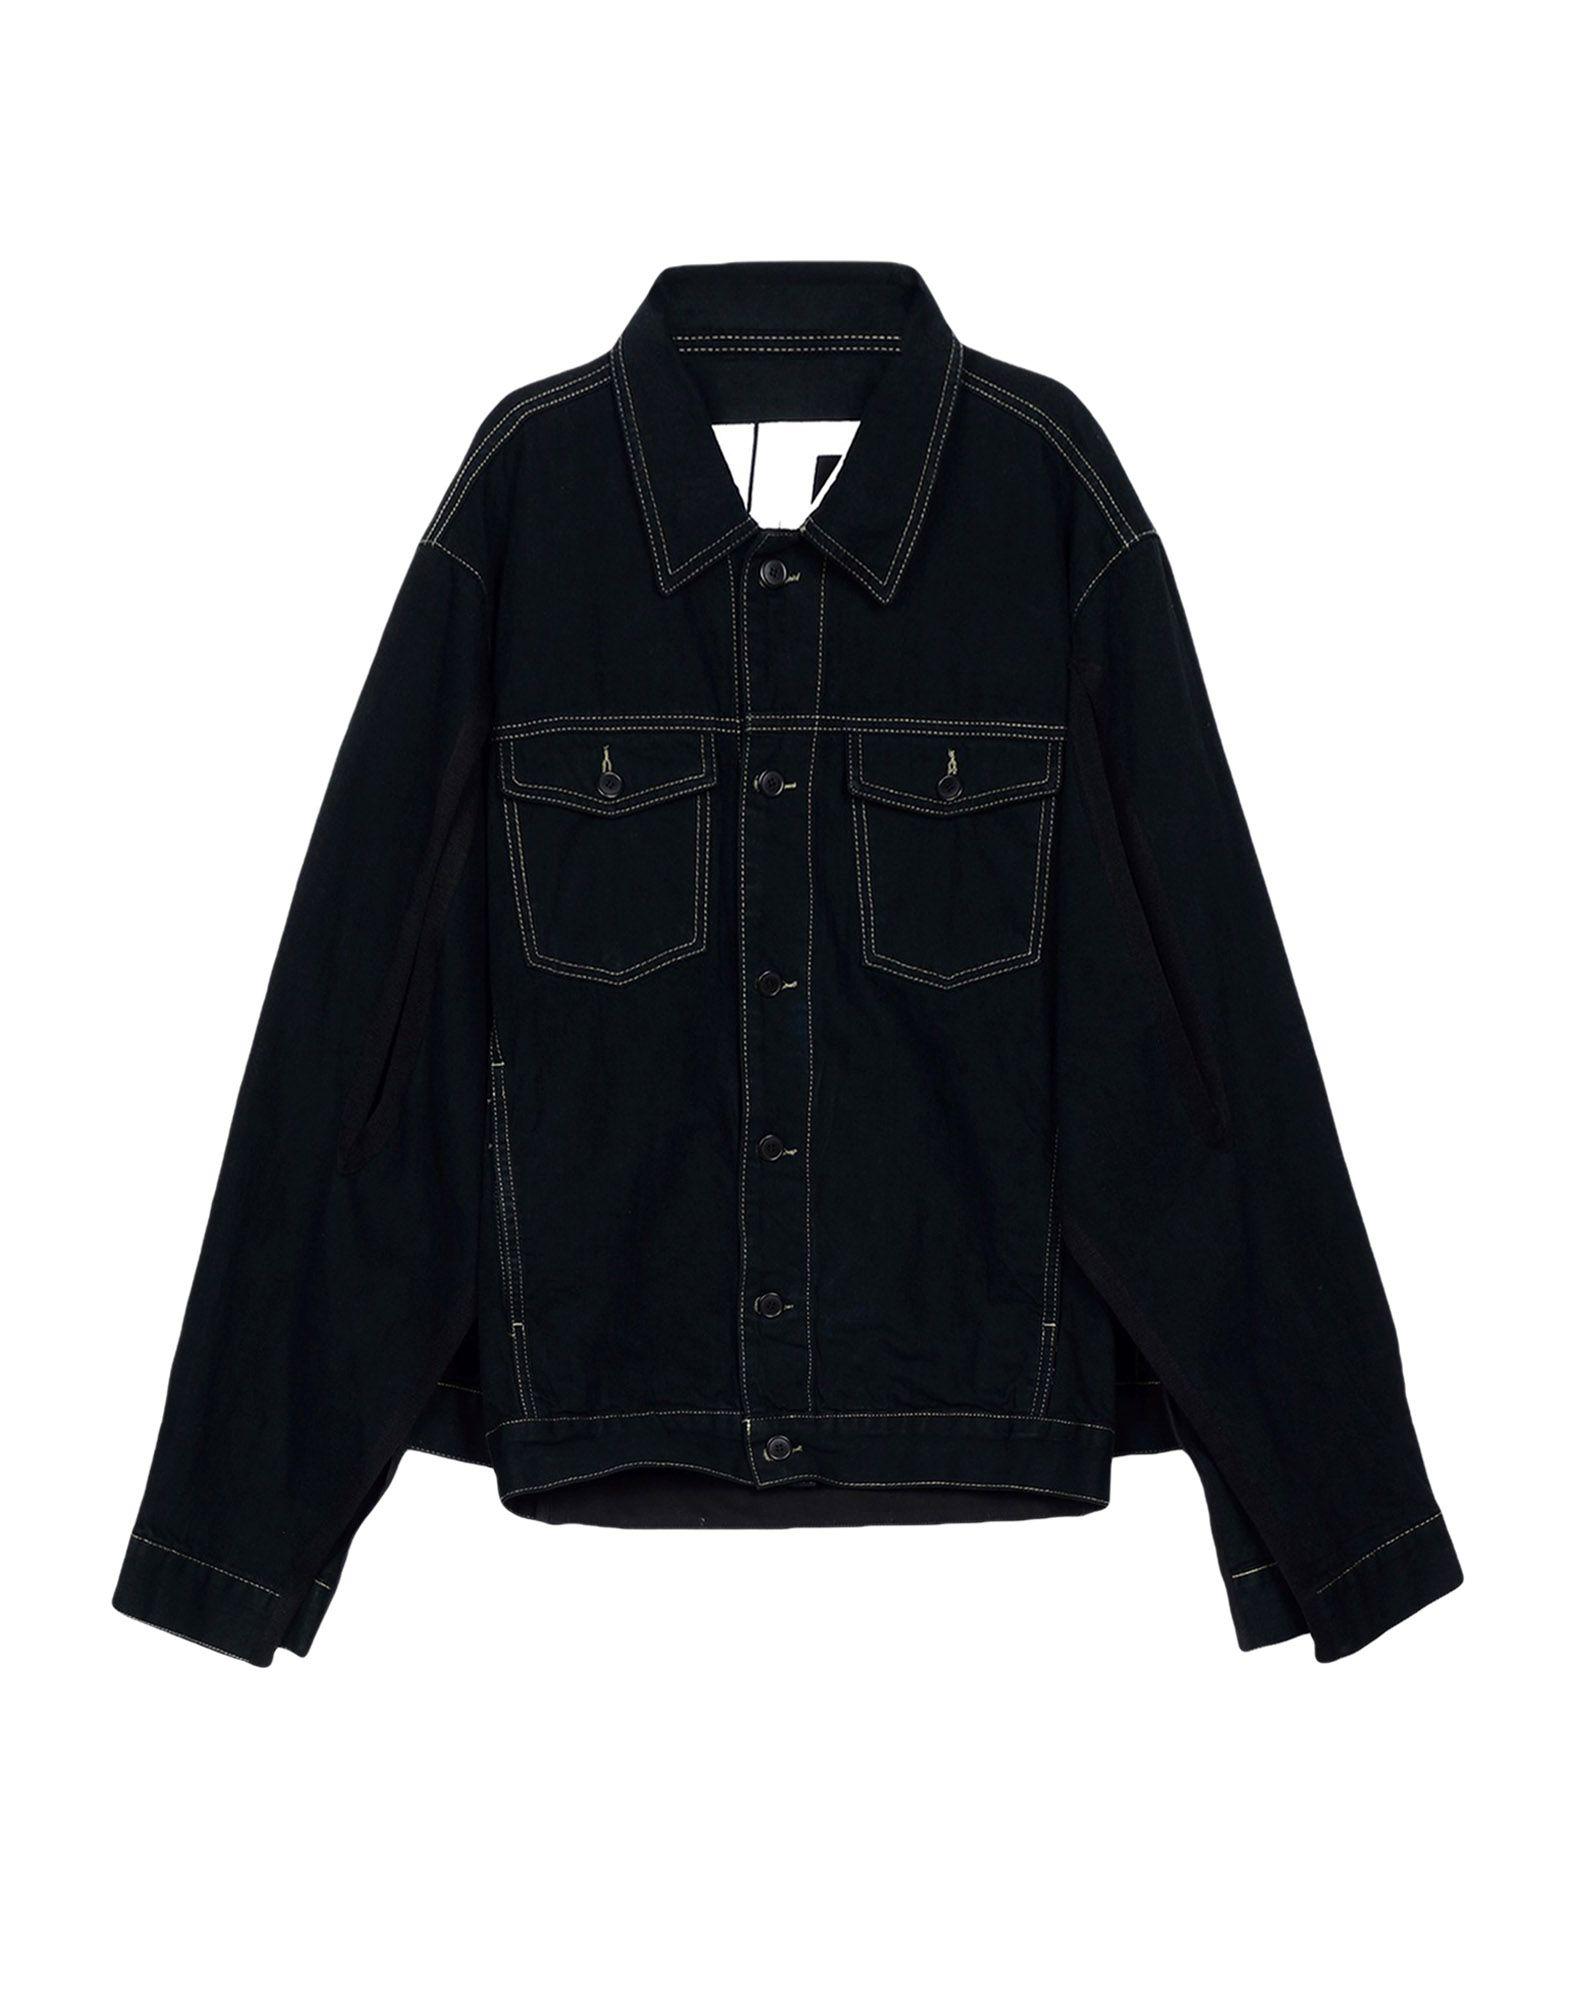 LUTZ HUELLE Jacket in Blue